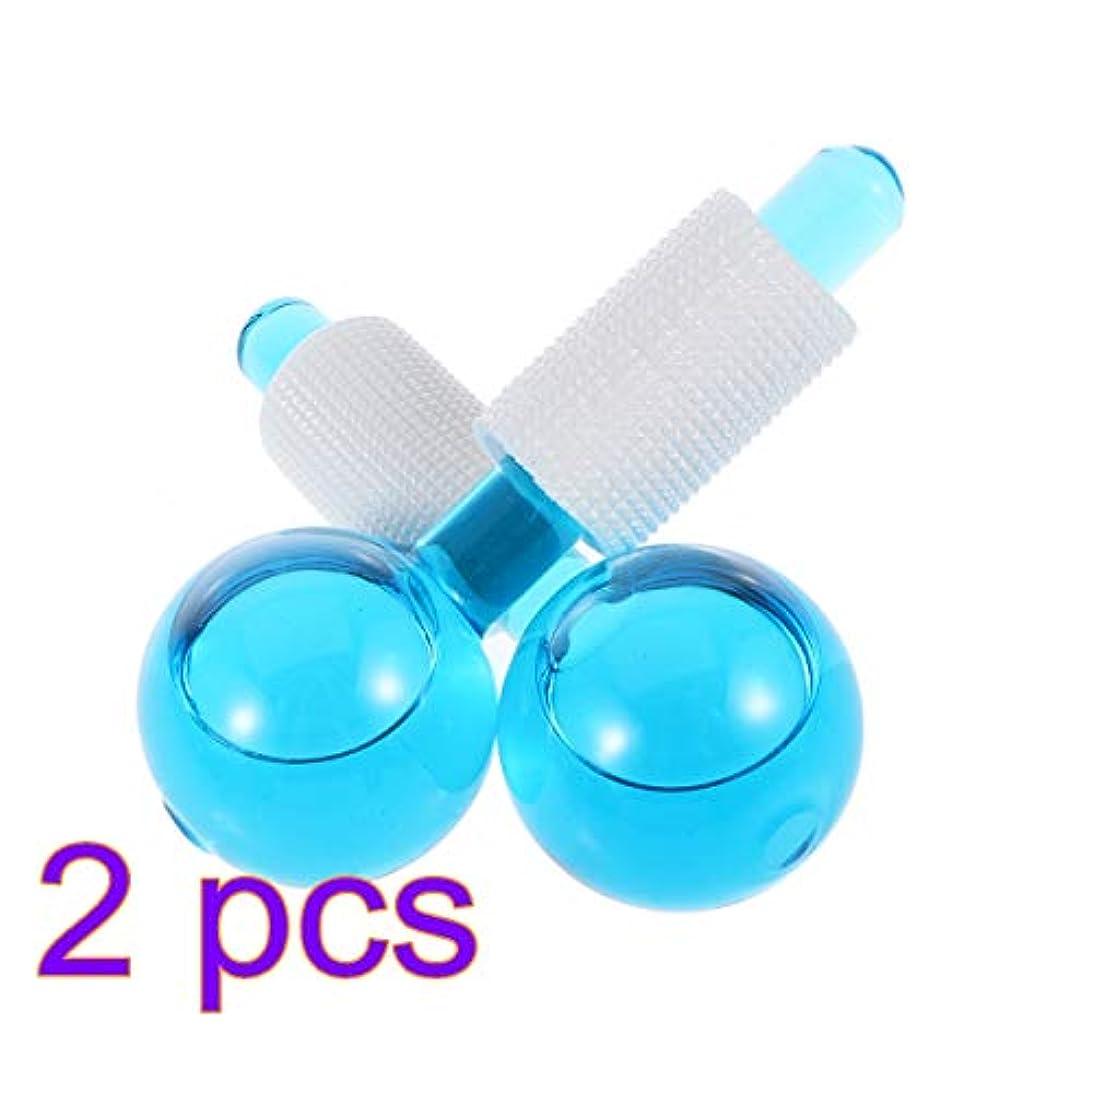 気性鎮痛剤できればSUPVOX クールローラーボールマジックアイスフェイシャルマッサージFraicheurフェイシャルグローブスキンマッサージャー4個